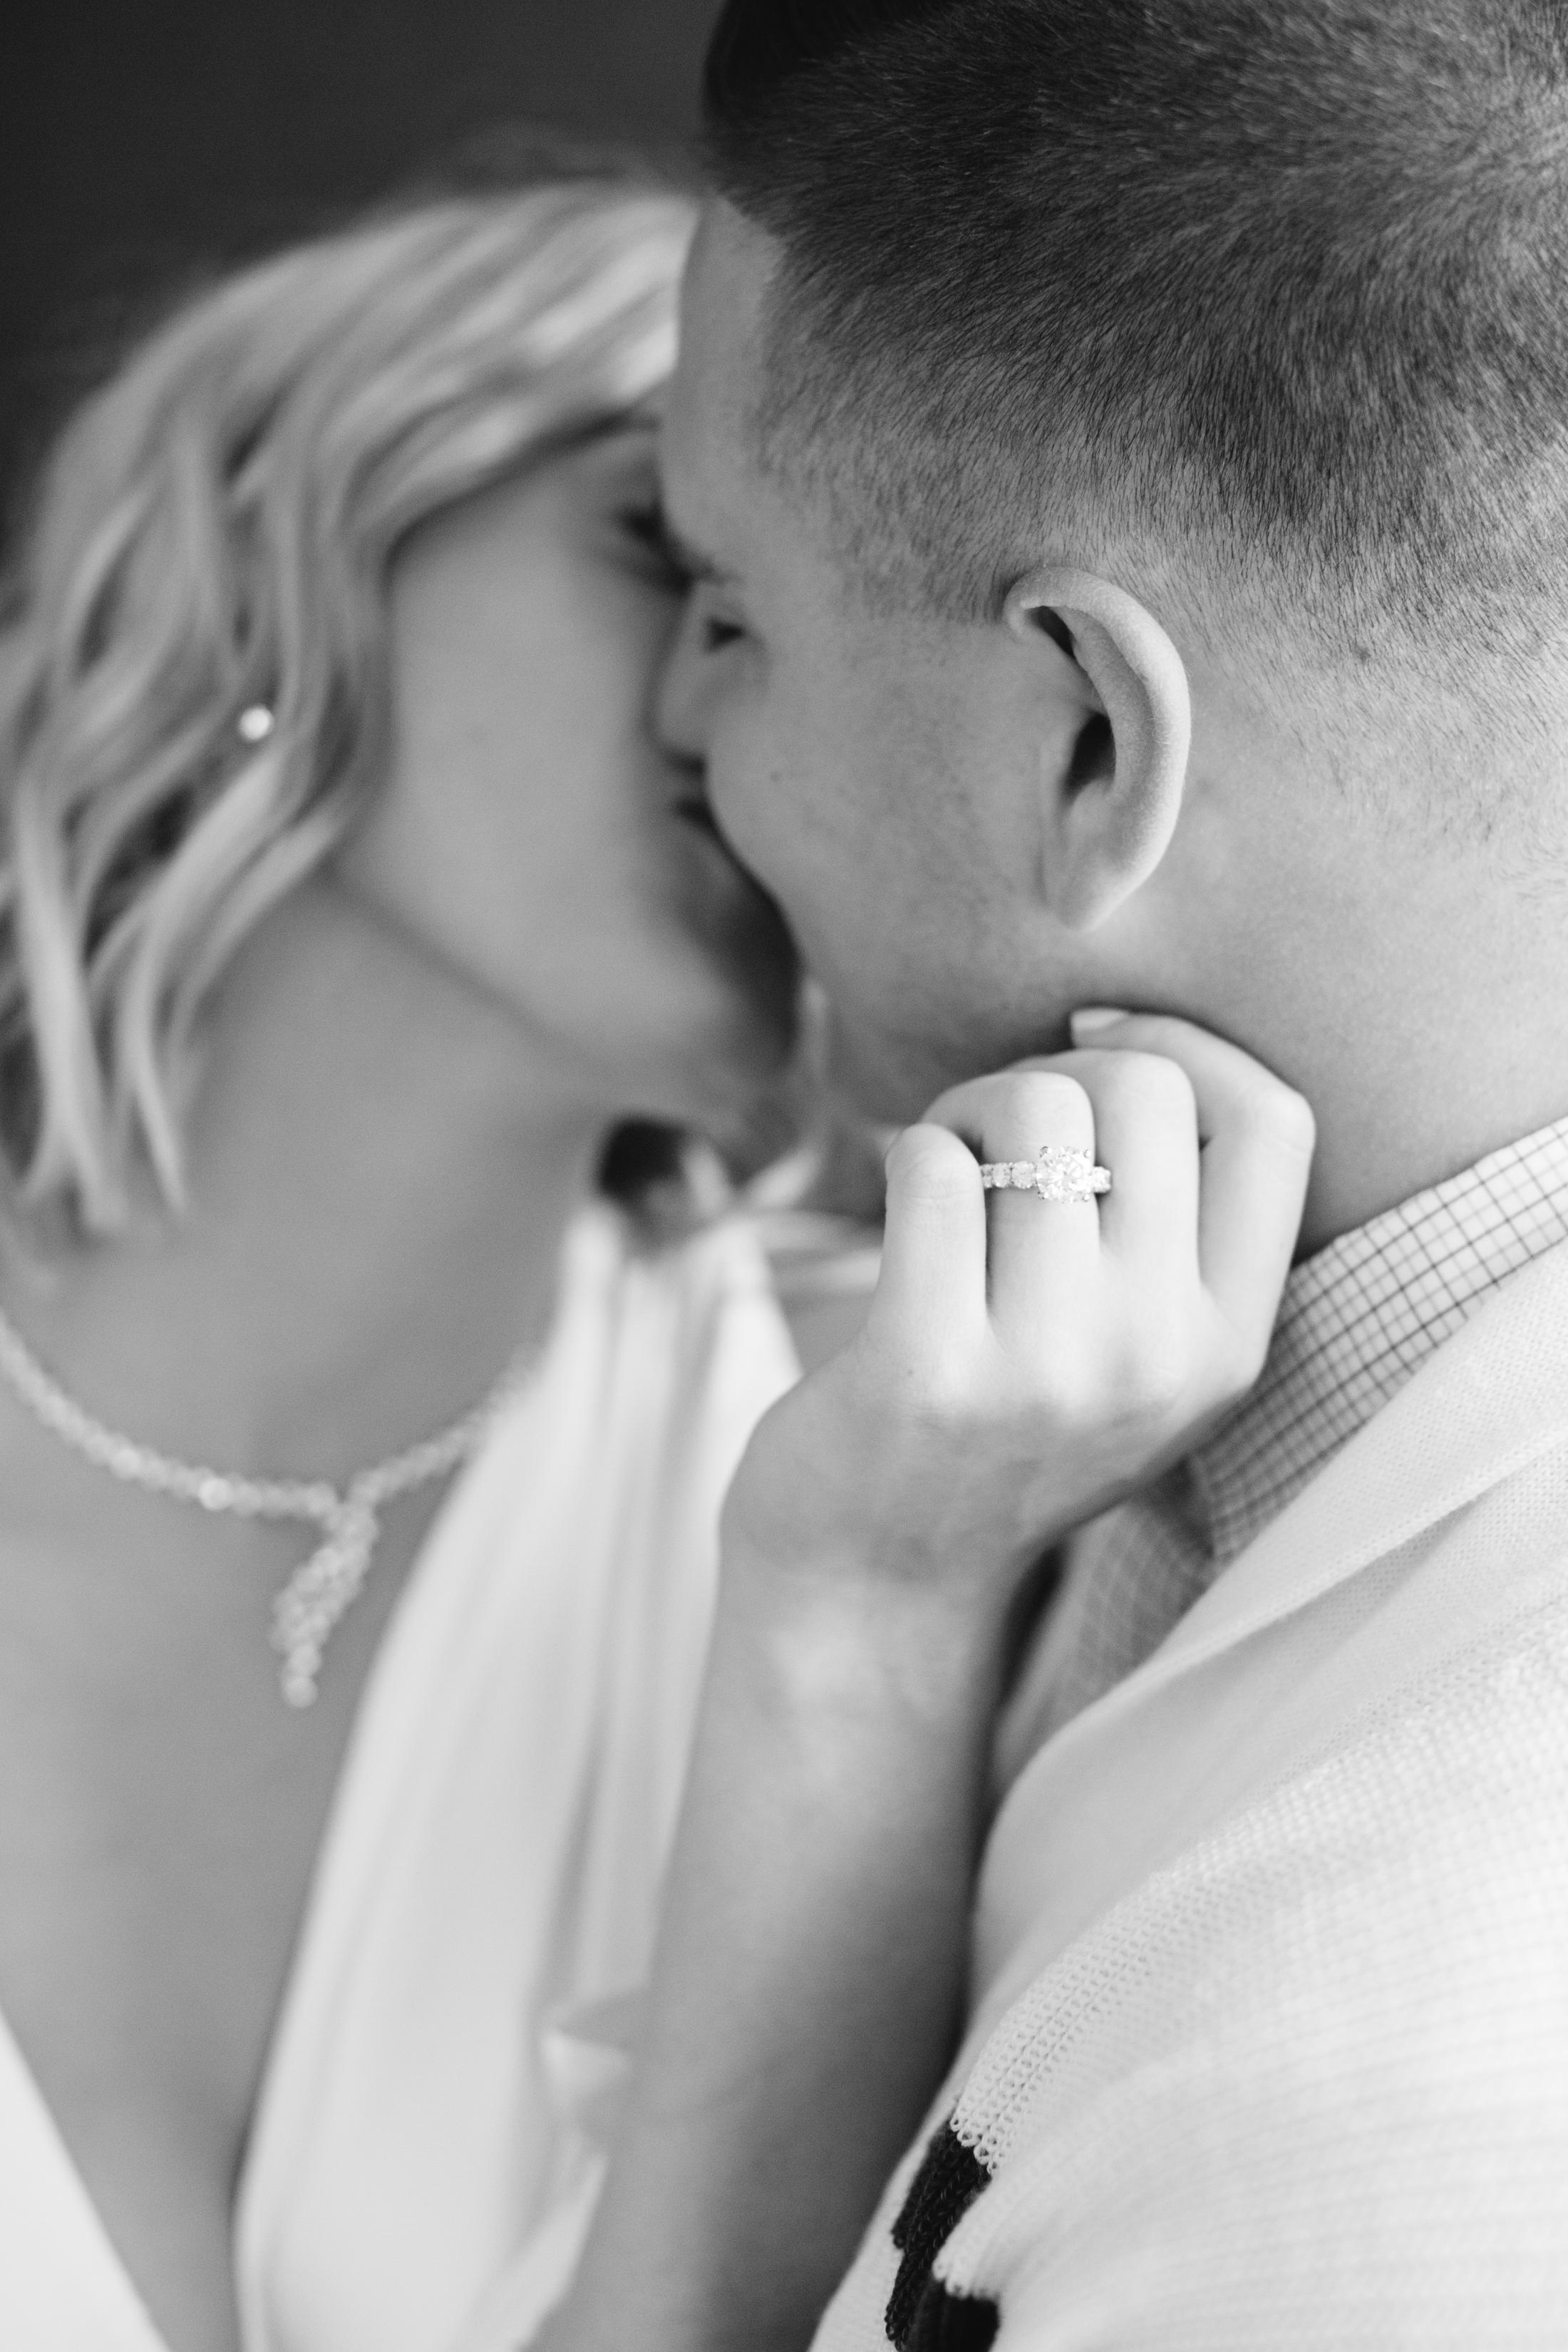 Kelsie_Peyton_Engagement_Abigail_Malone_Photography-62.jpg